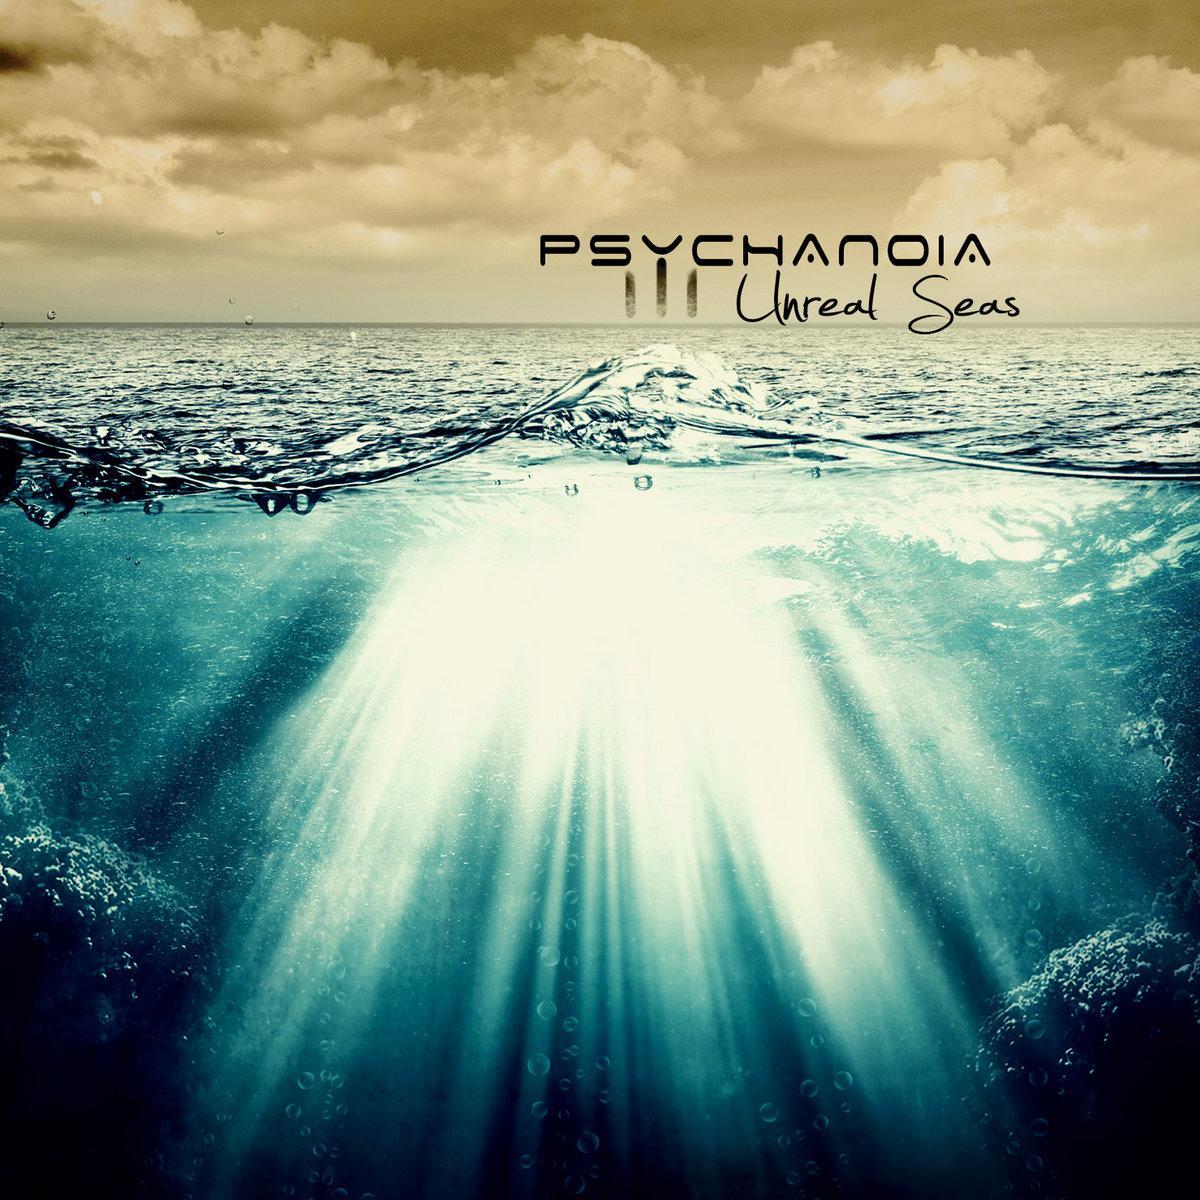 Psychanoia